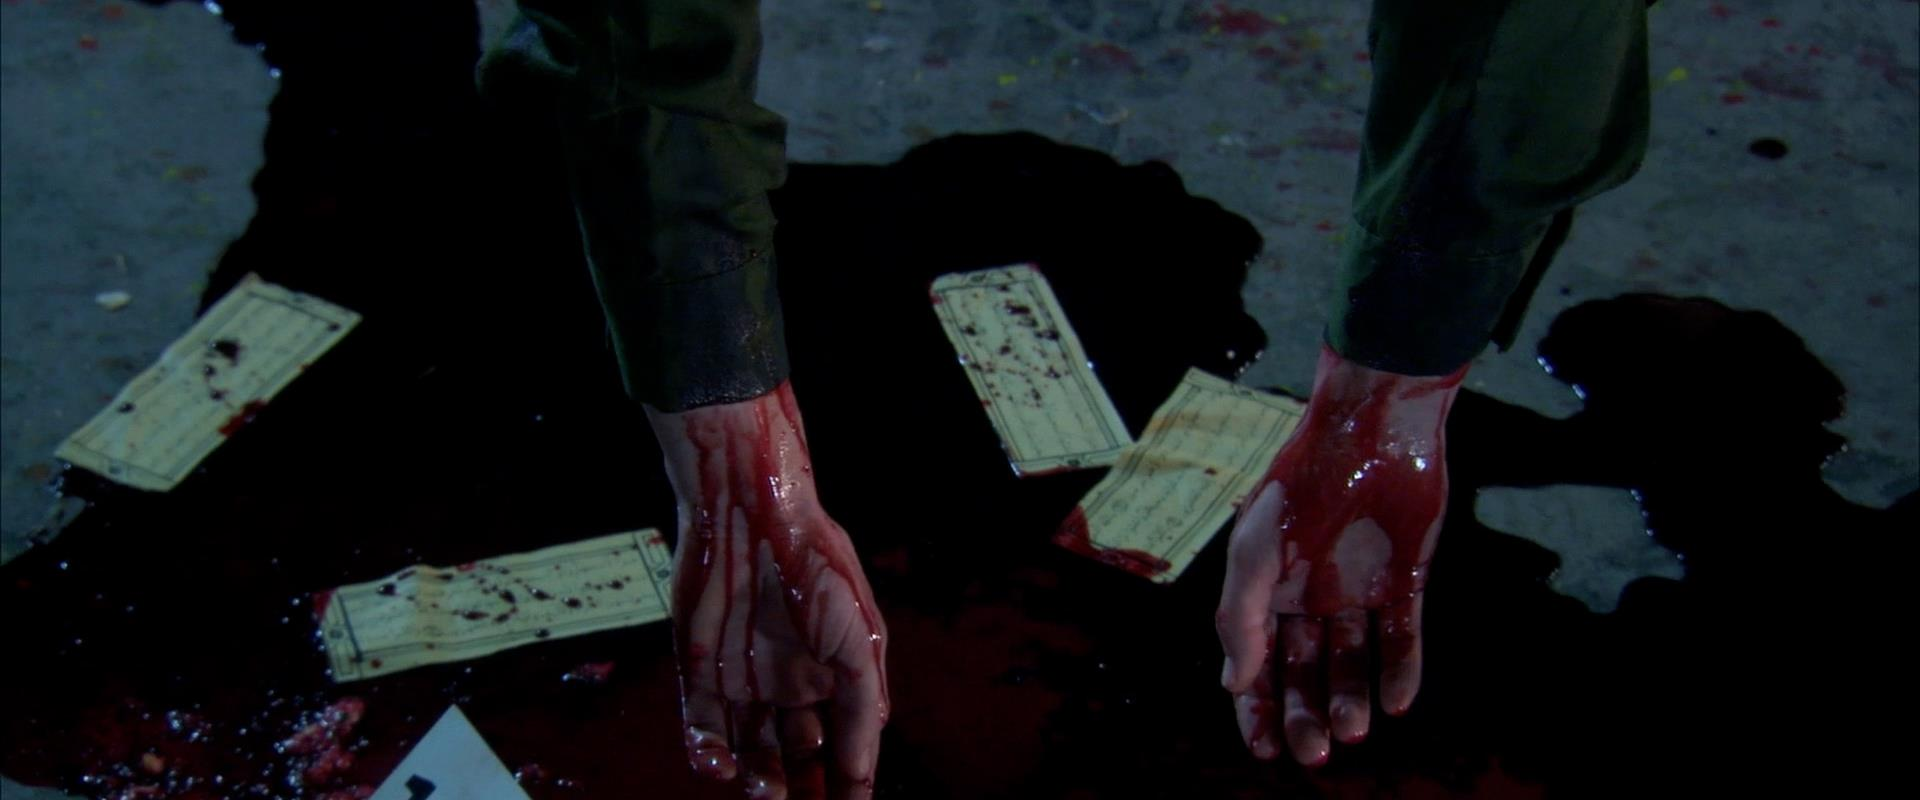 הרצח - עונה 2 | פרק 2